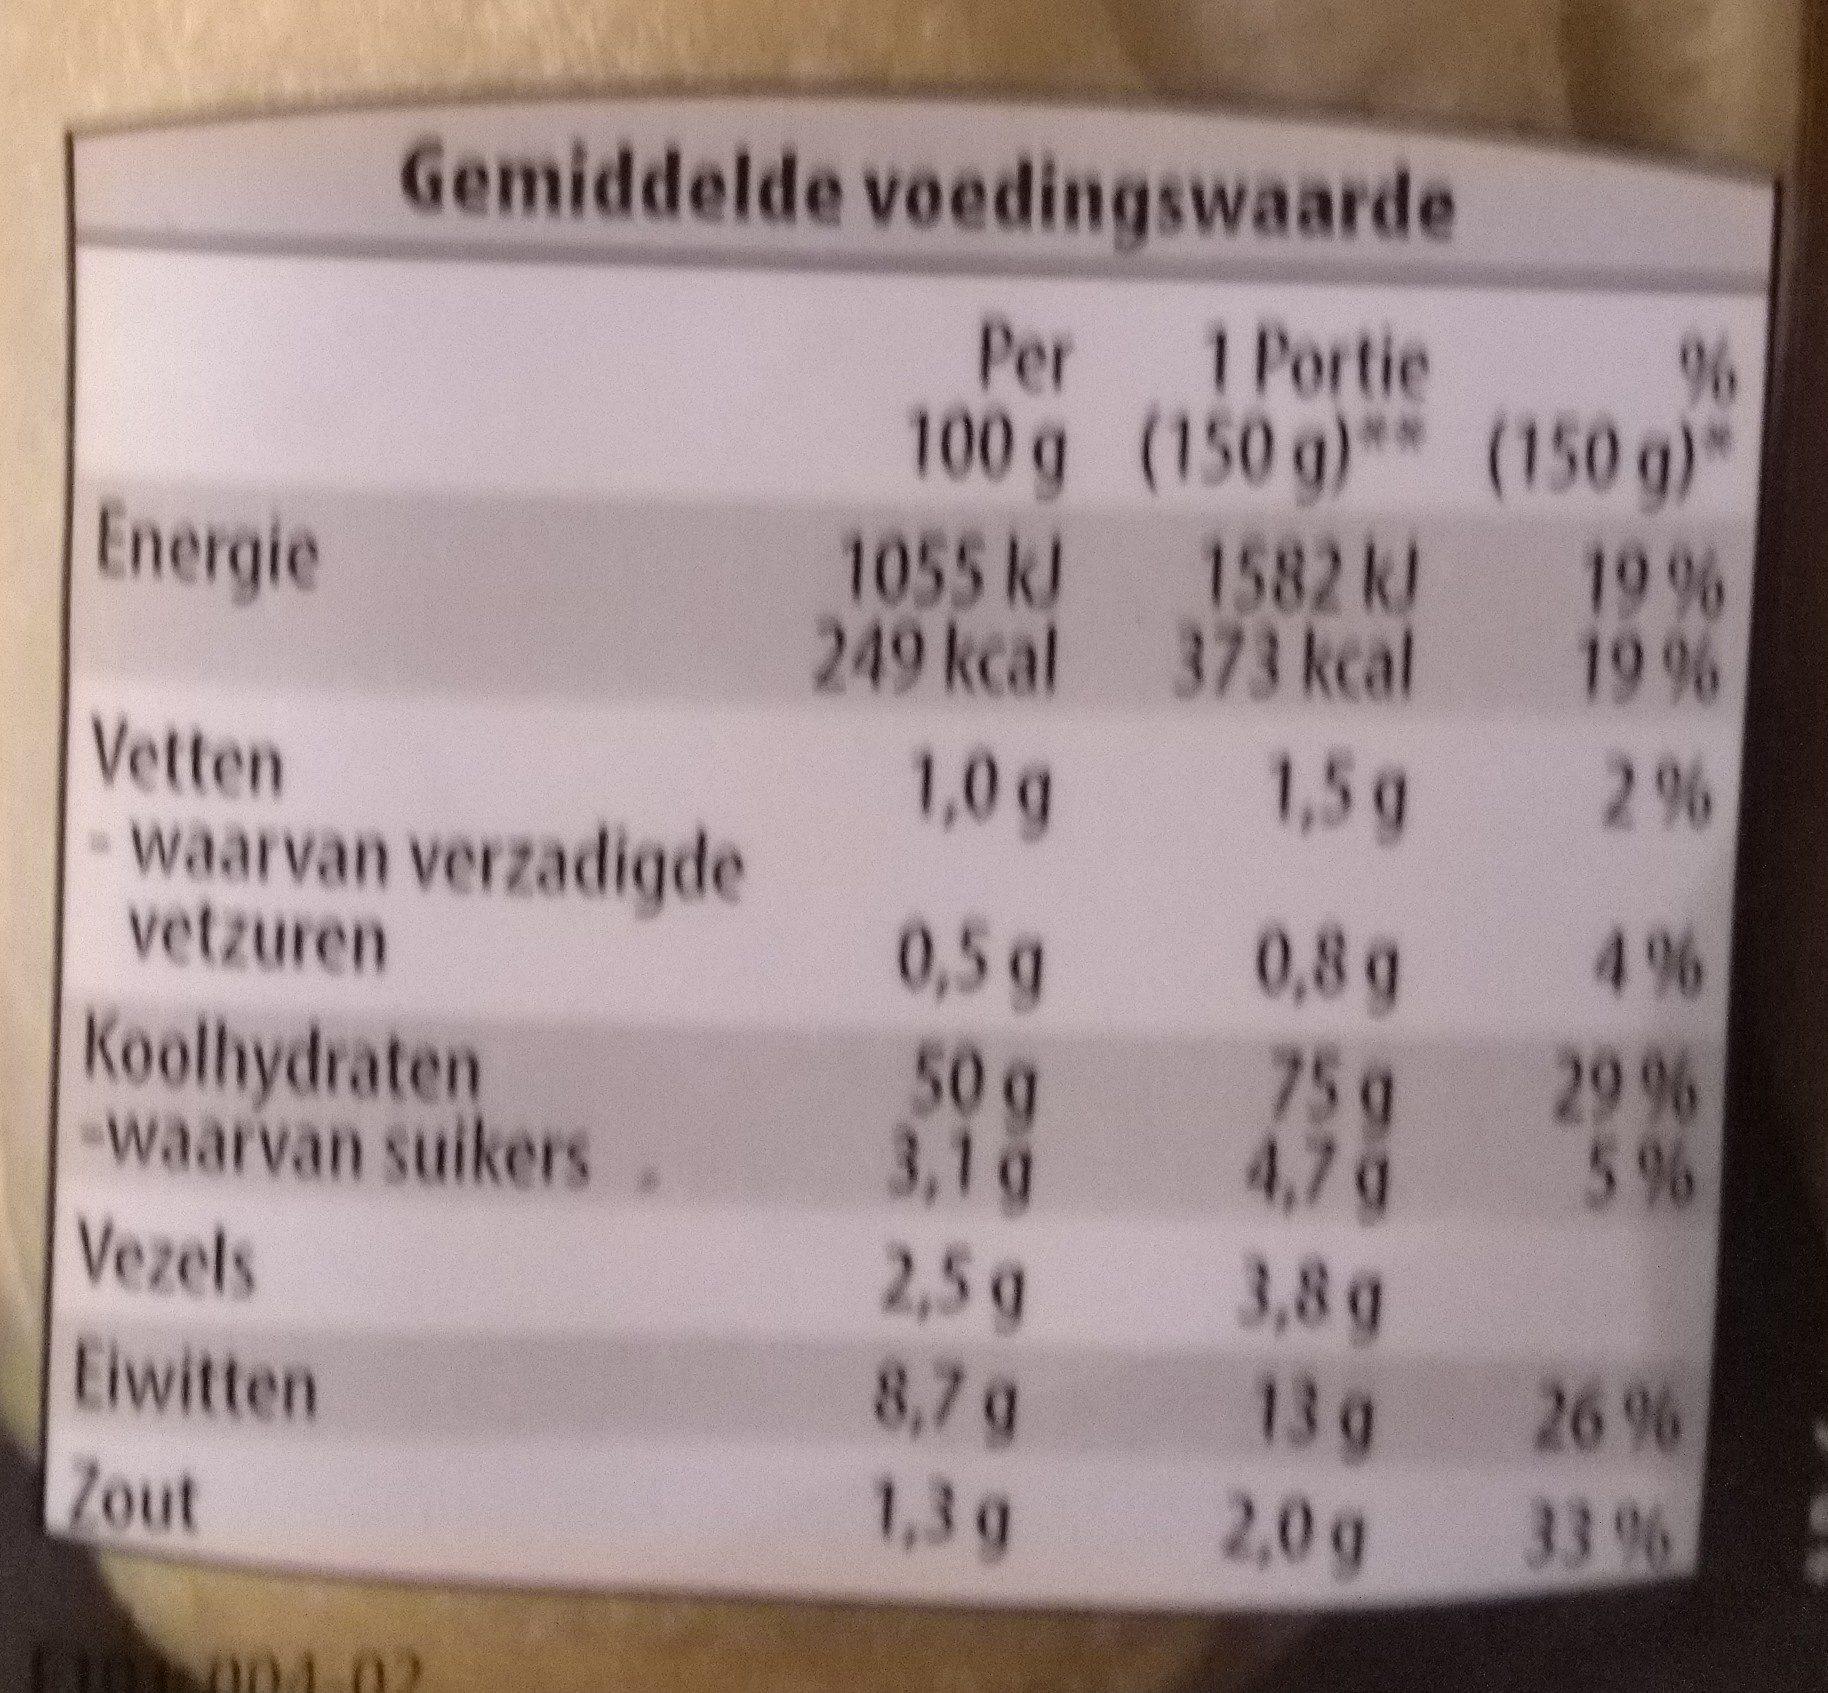 Baguettes Wit - Nutrition facts - nl